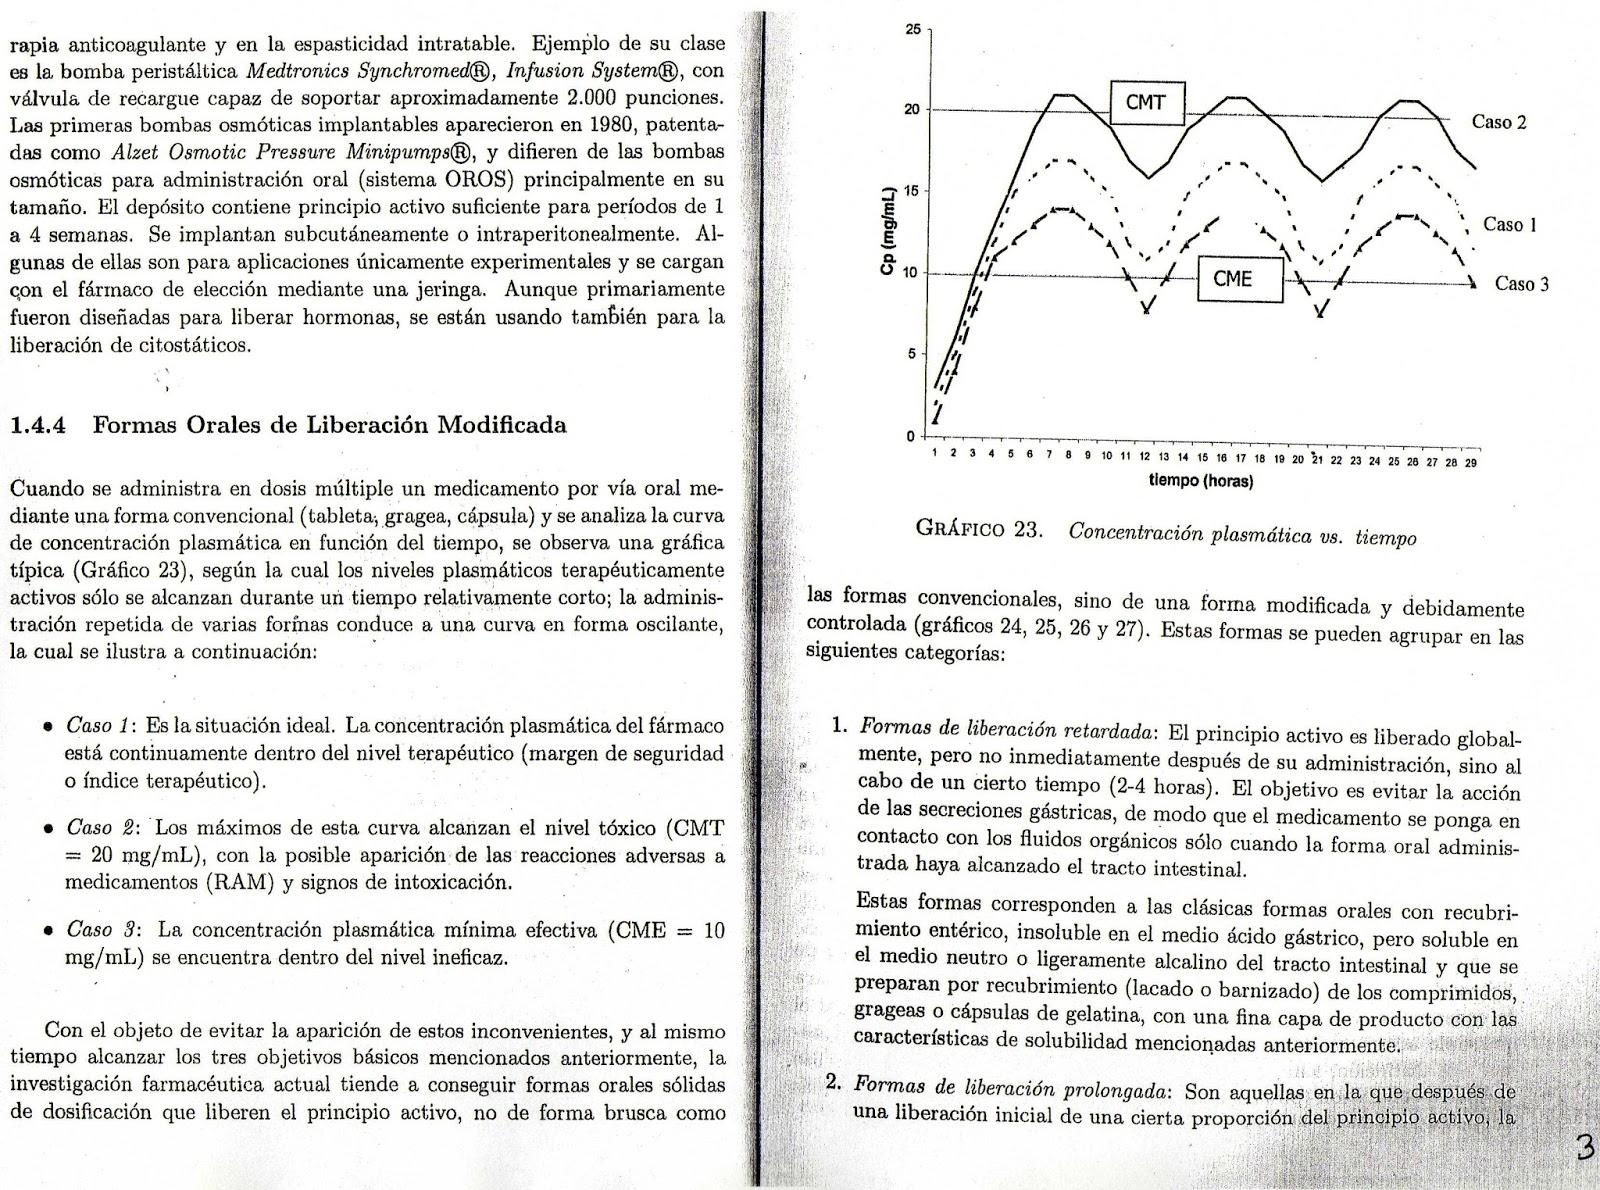 ESSPC.1ADMINISTRAR MEDICAMENTOS: 2013